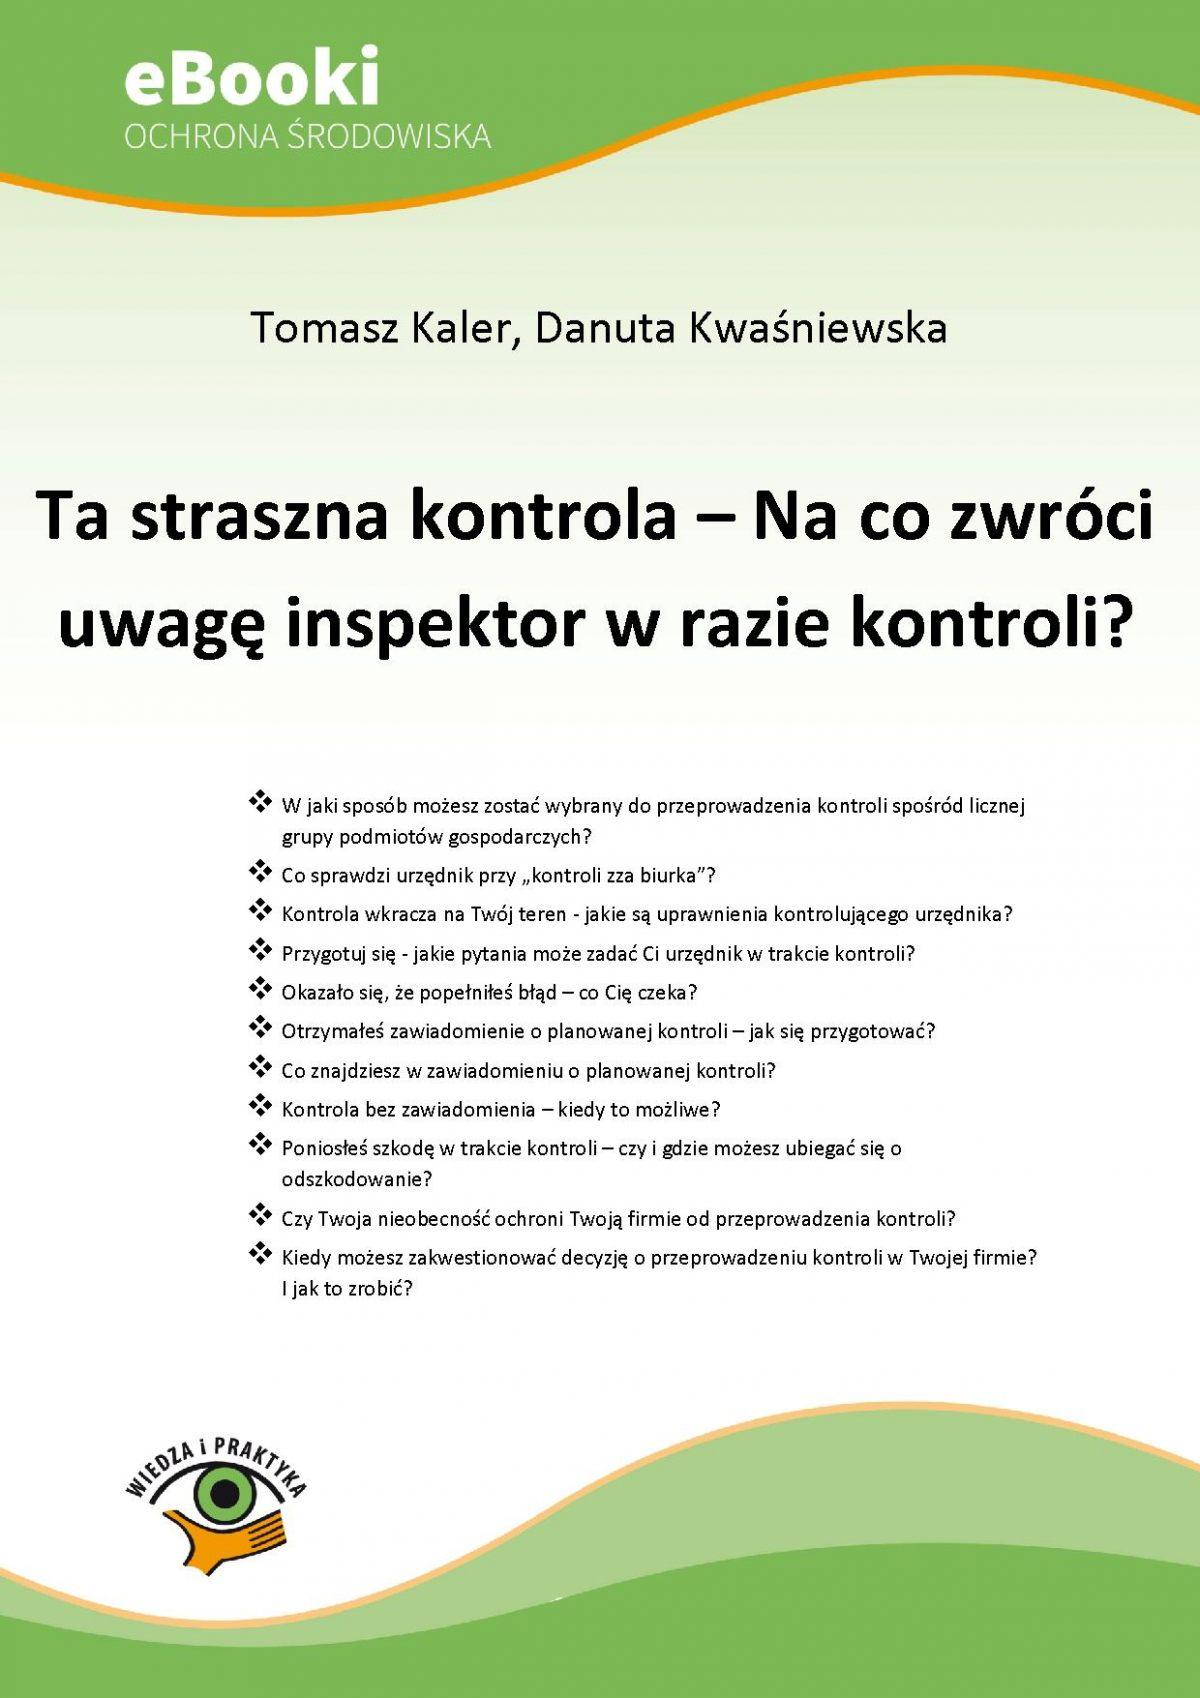 Ta straszna kontrola – Na co zwróci uwagę inspektor w razie kontroli? - Ebook (Książka PDF) do pobrania w formacie PDF